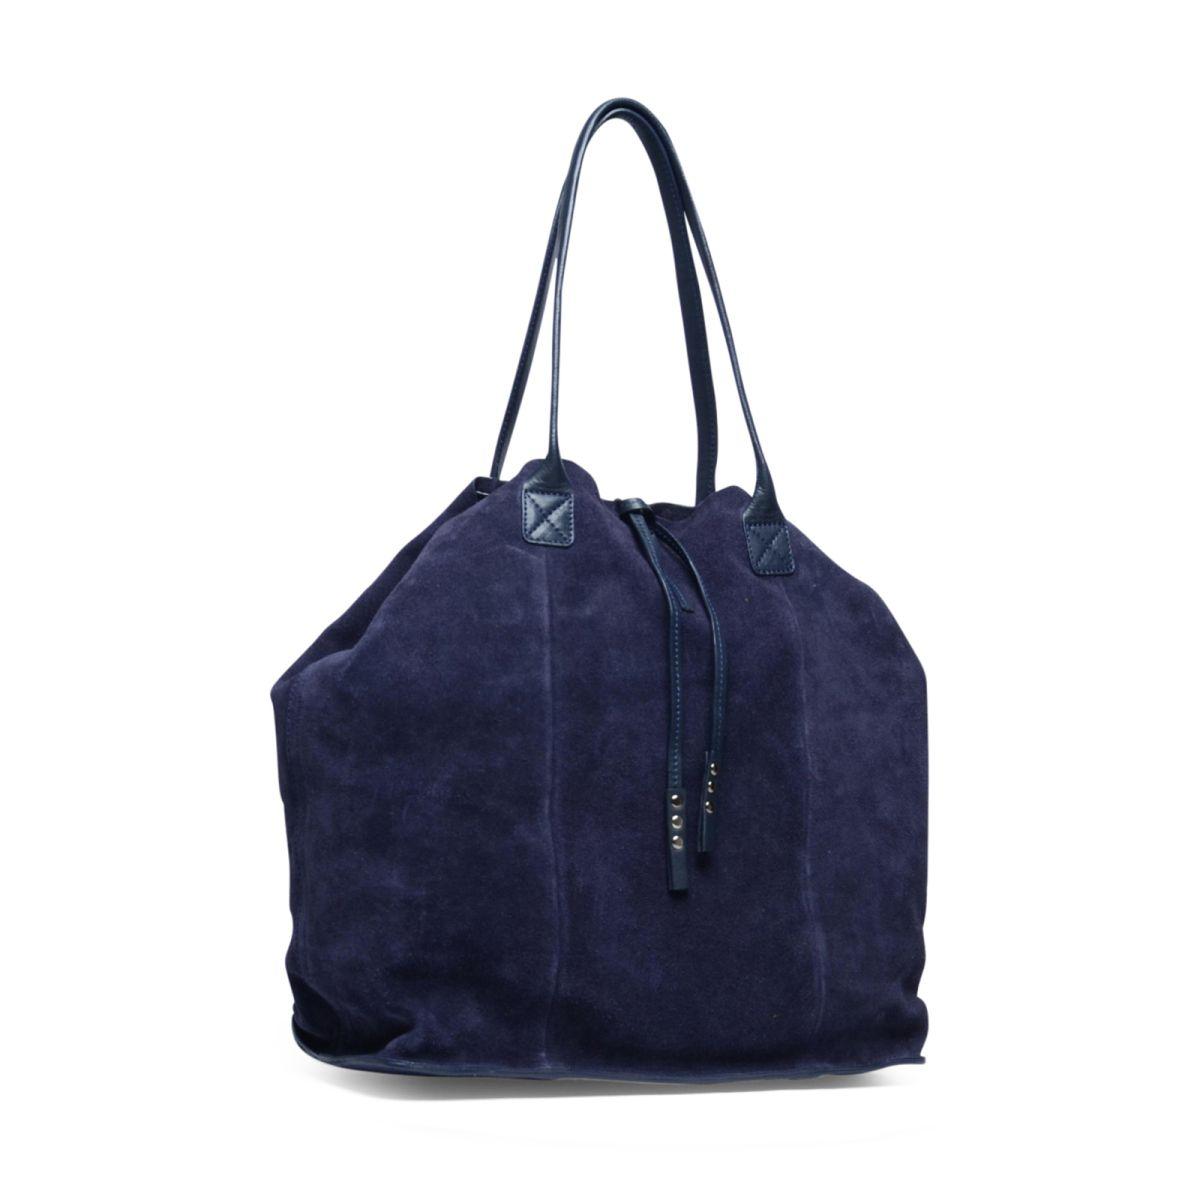 Blauwe shopper suède  Description: Blauwe tas van het merk Manfield. De tas is aan de binnenzijde en buitenzijde van suède. Aan de binnenkant is er een opbergvakje aanwezig met rits. U sluit de tas eenvoudig met de magnetische sluiting. De afmetingen zijn 35x36x15 (hxbxd).  Price: 40.00  Meer informatie  #manfield